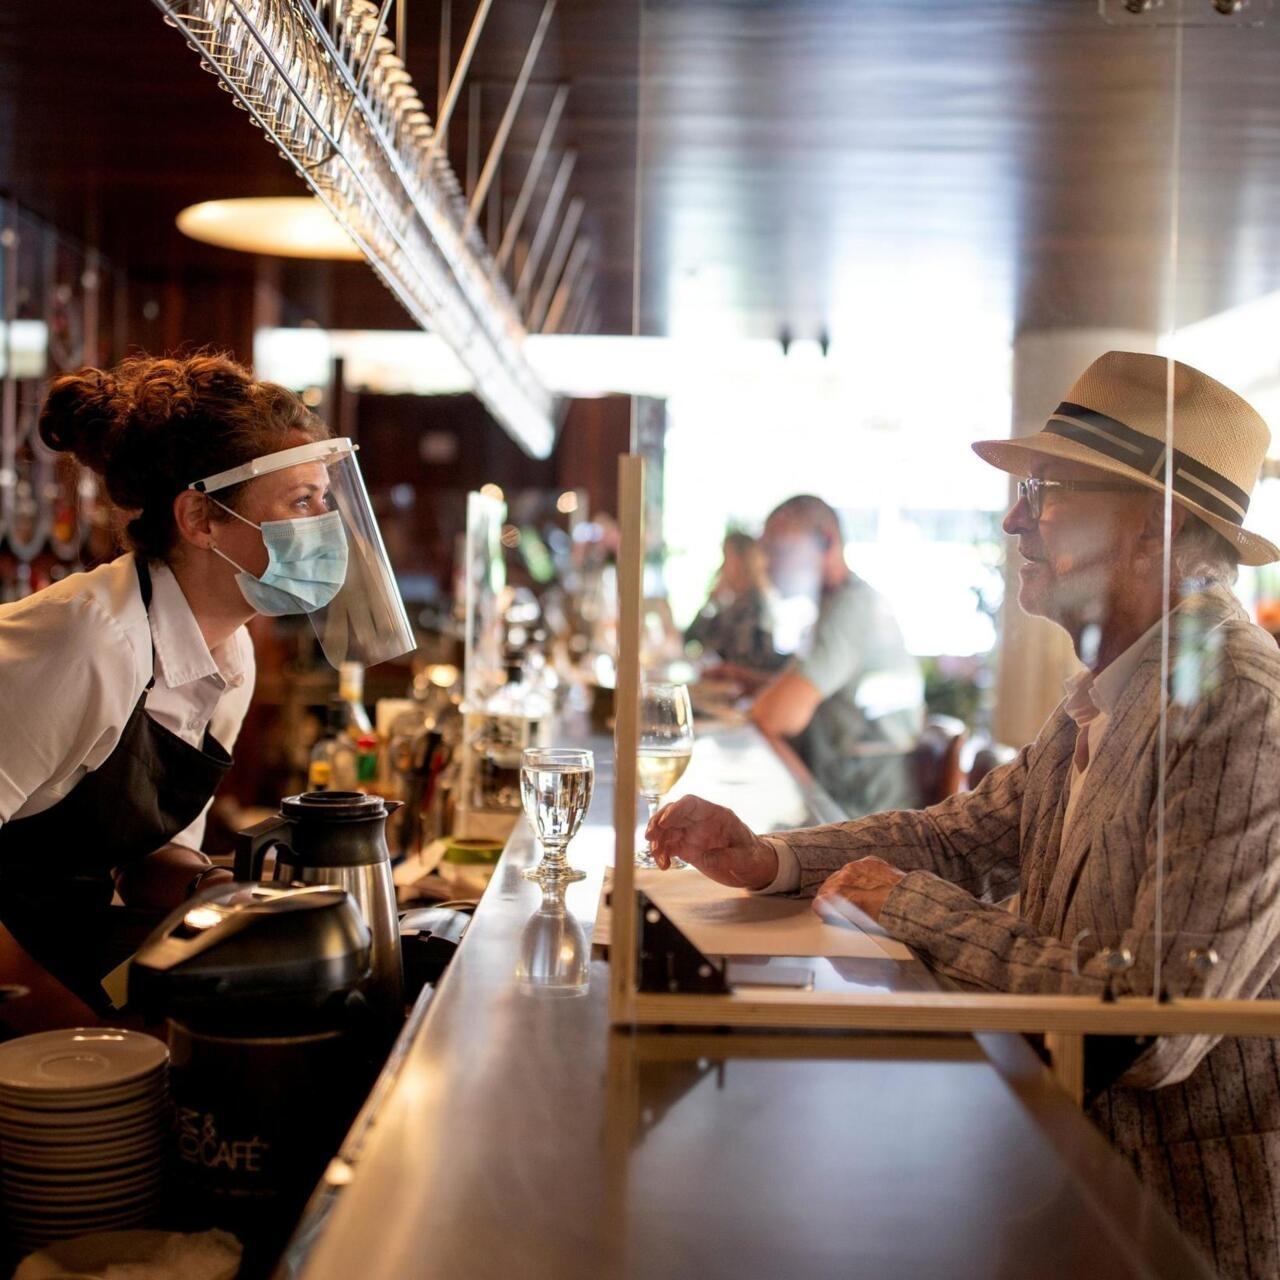 Covid-19: Montréal et Québec, en alerte rouge, ferment bars et restaurants  pour un mois